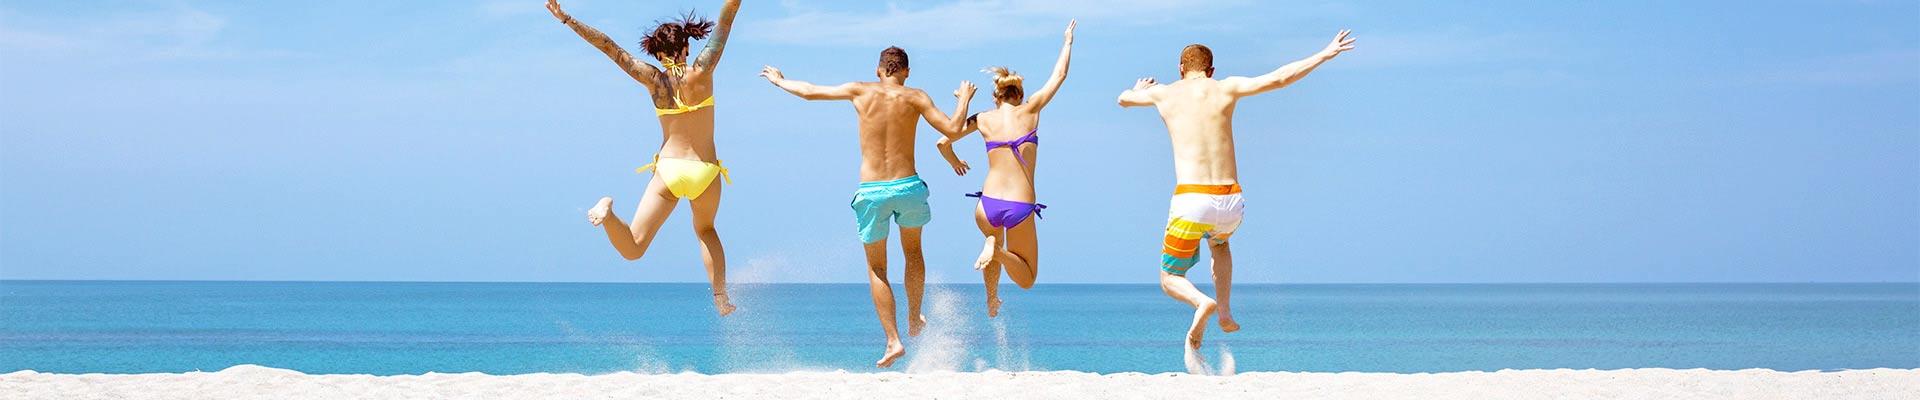 Voglia di una vacanza? Prenota la tua vacanza a prezzi imbattibili, il volo &egrave; incluso!<div>Scopri la selezione di offerte che Vantaggi Travel ti ha riservato.</div>